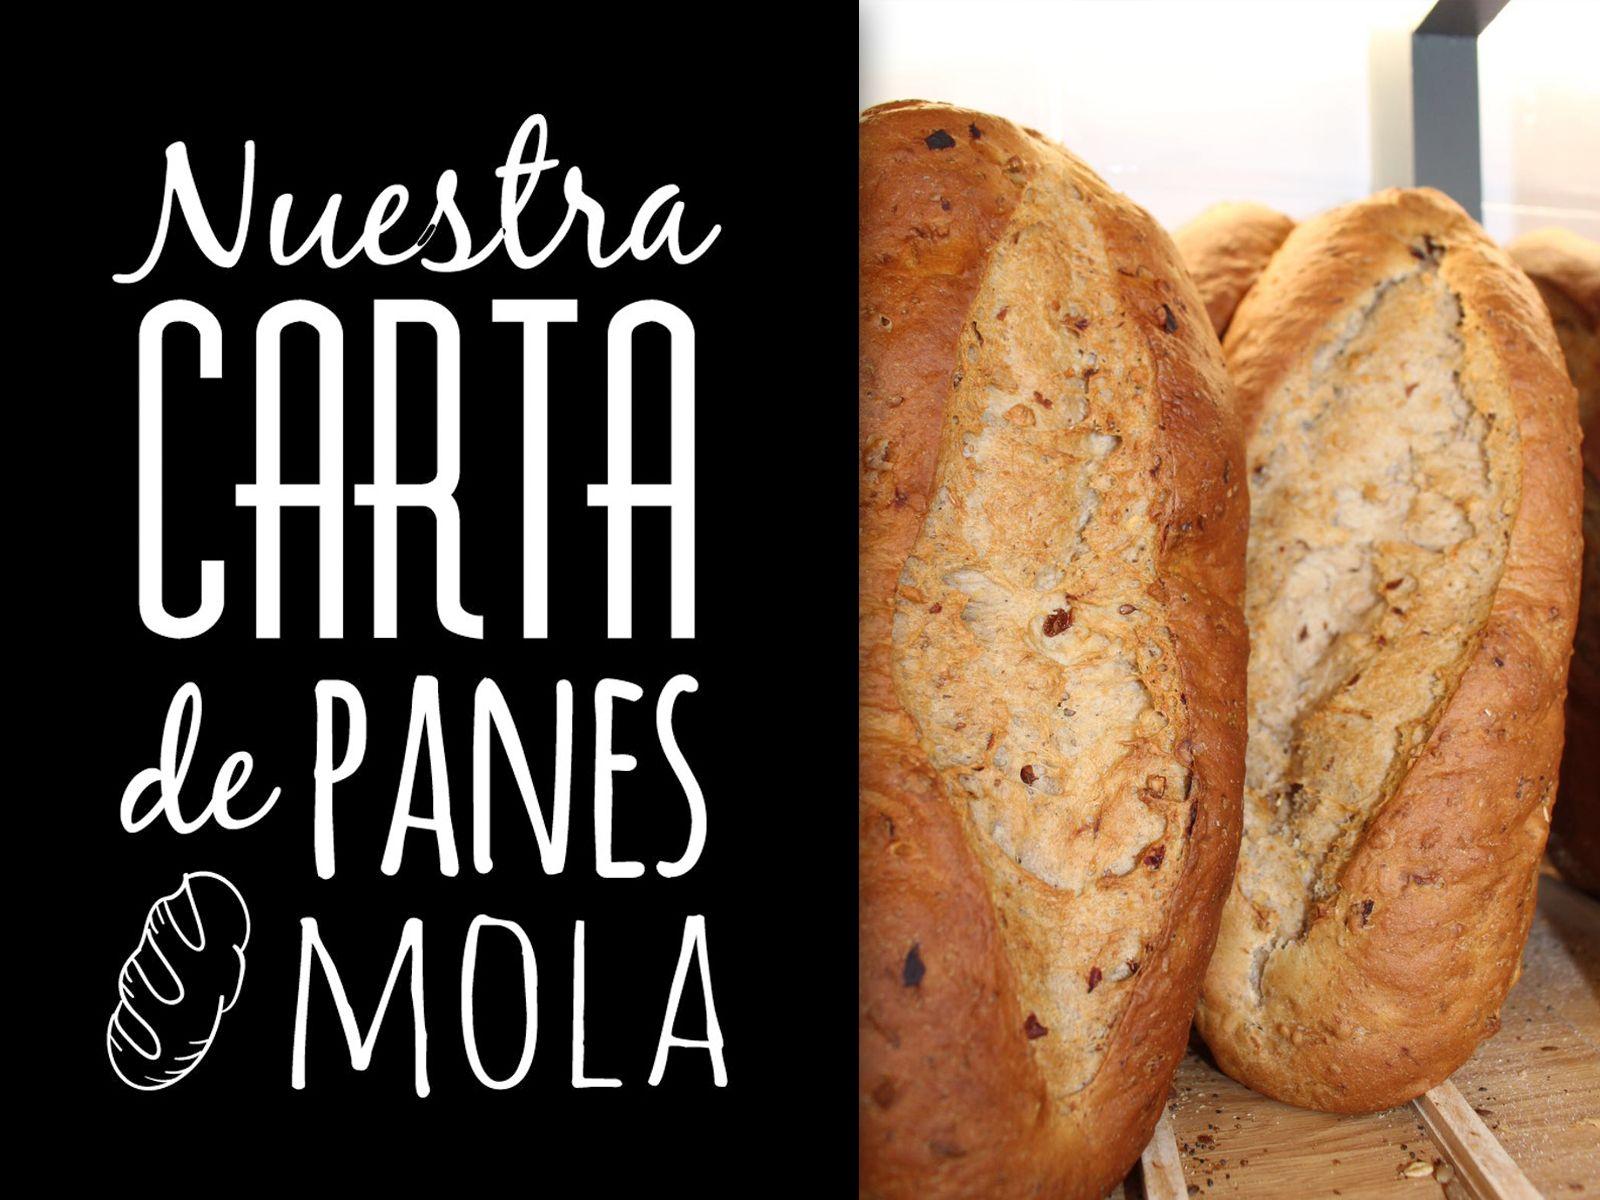 frase-nuestra-carta-de-panes-mola-panaderia-cantabria